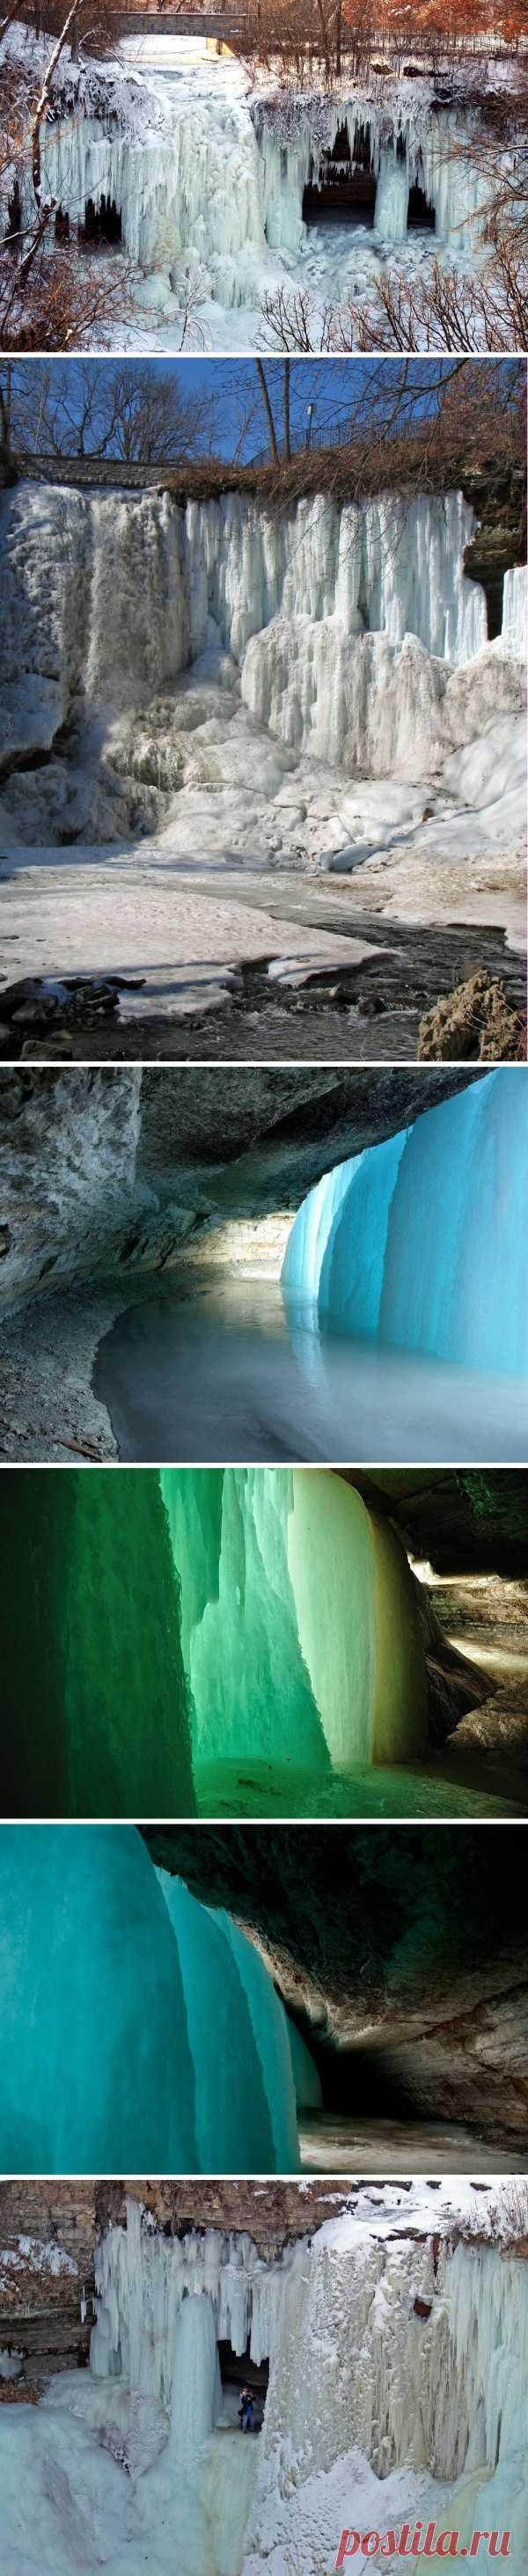 La cascada que se ha helado de Minnehaha. Minesota, los EEUU